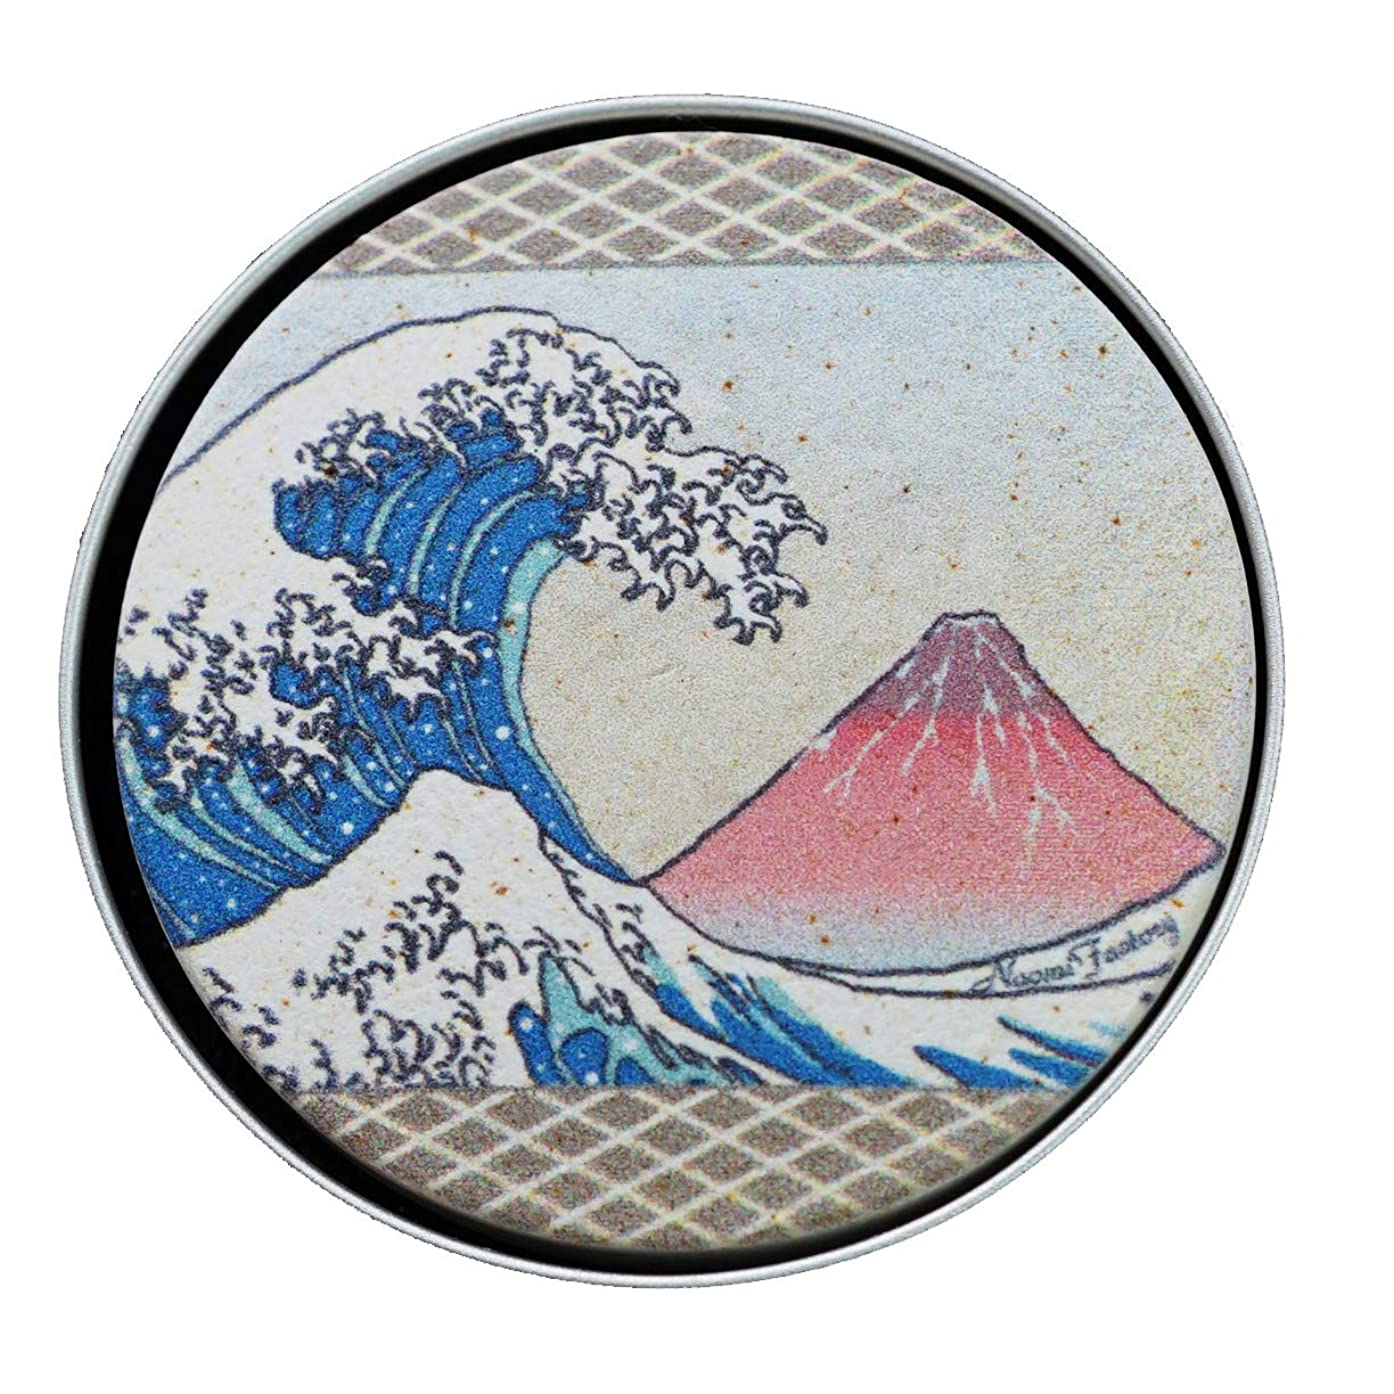 クラックポット置き場味方【天使のアロマプレート】 浮世絵 浪と赤富士(珪藻土 吸収力抜群 持ち運べる 日本製)